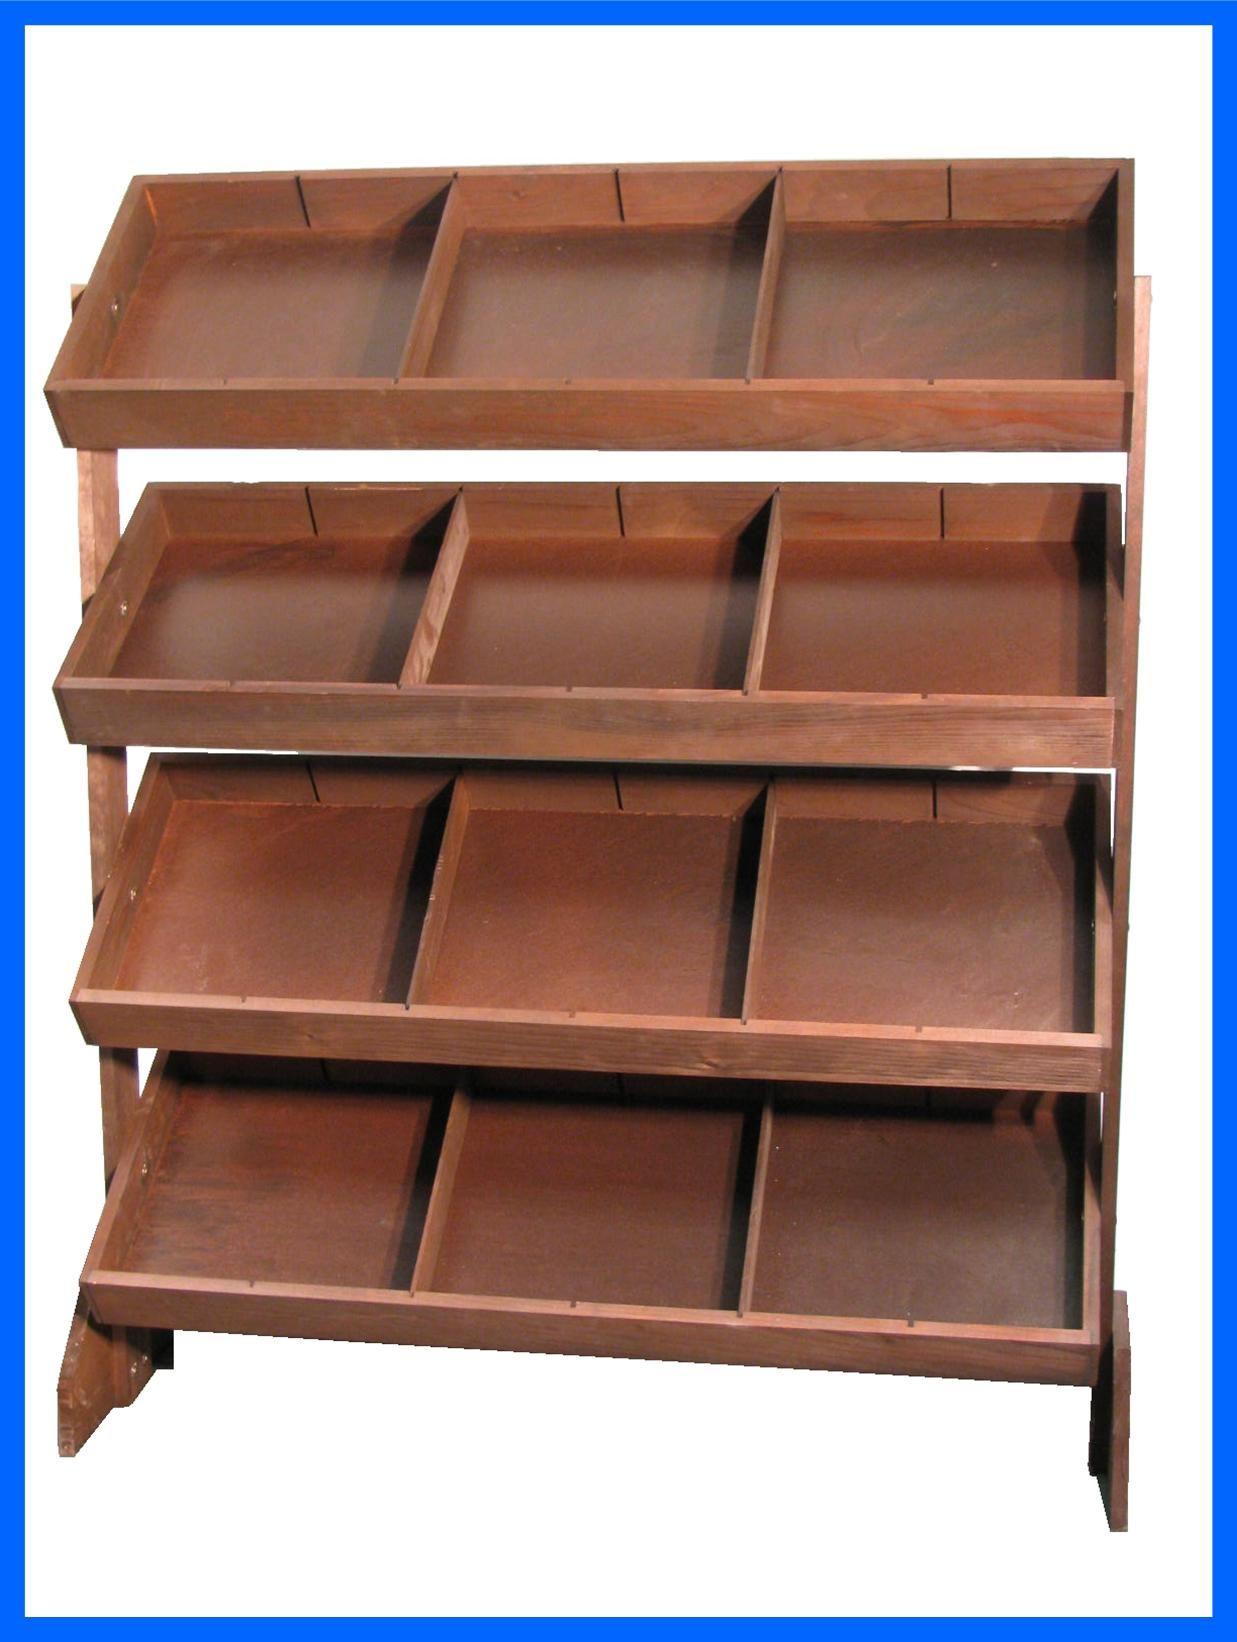 item 390 four bin tilt tray display with 1 pack of. Black Bedroom Furniture Sets. Home Design Ideas